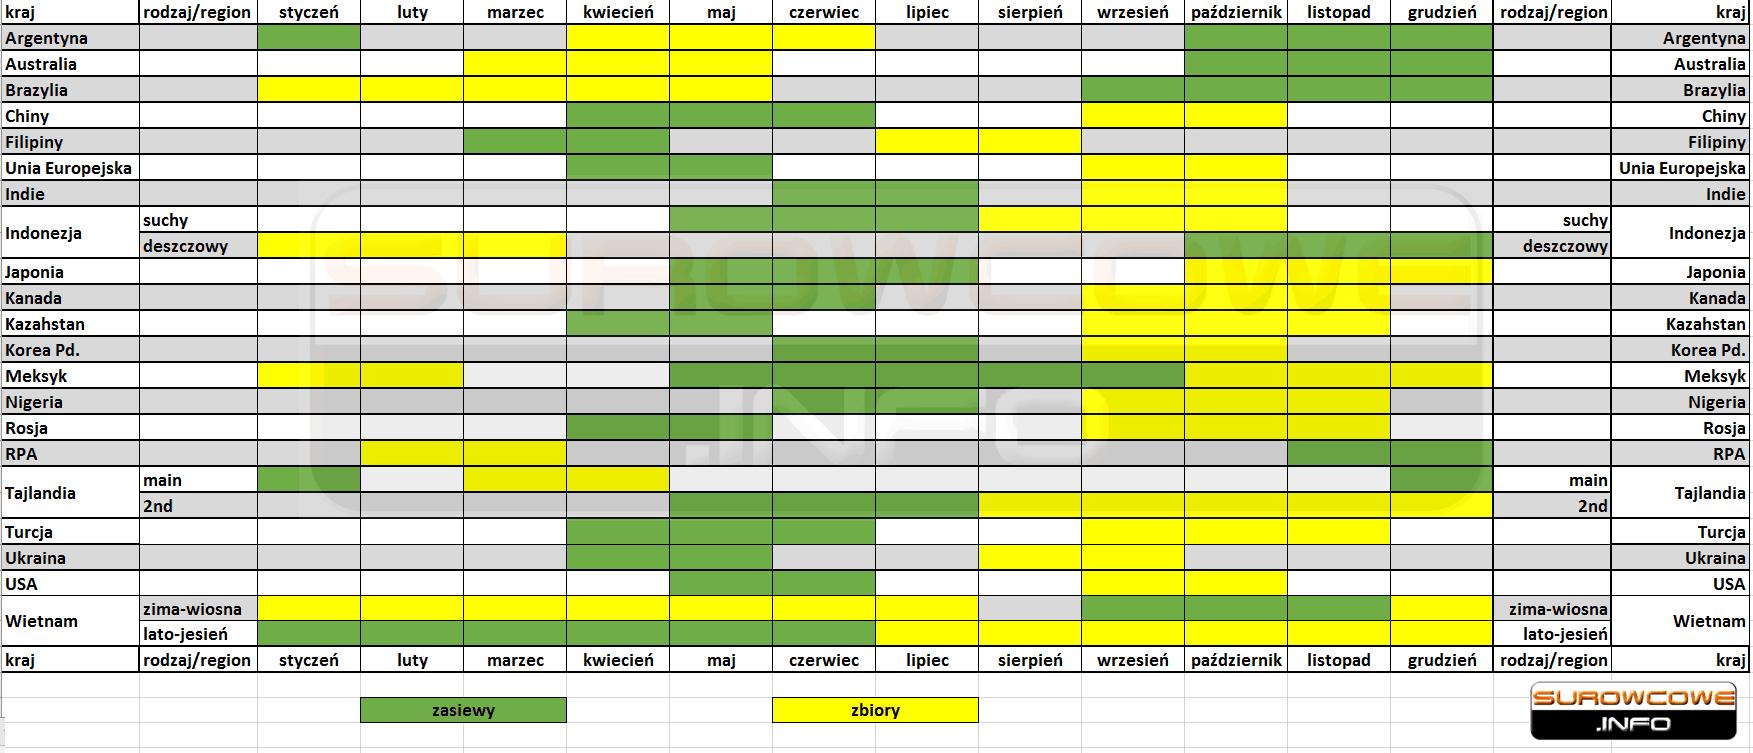 kalendarz zasiewów i zbiorów soi na świecie